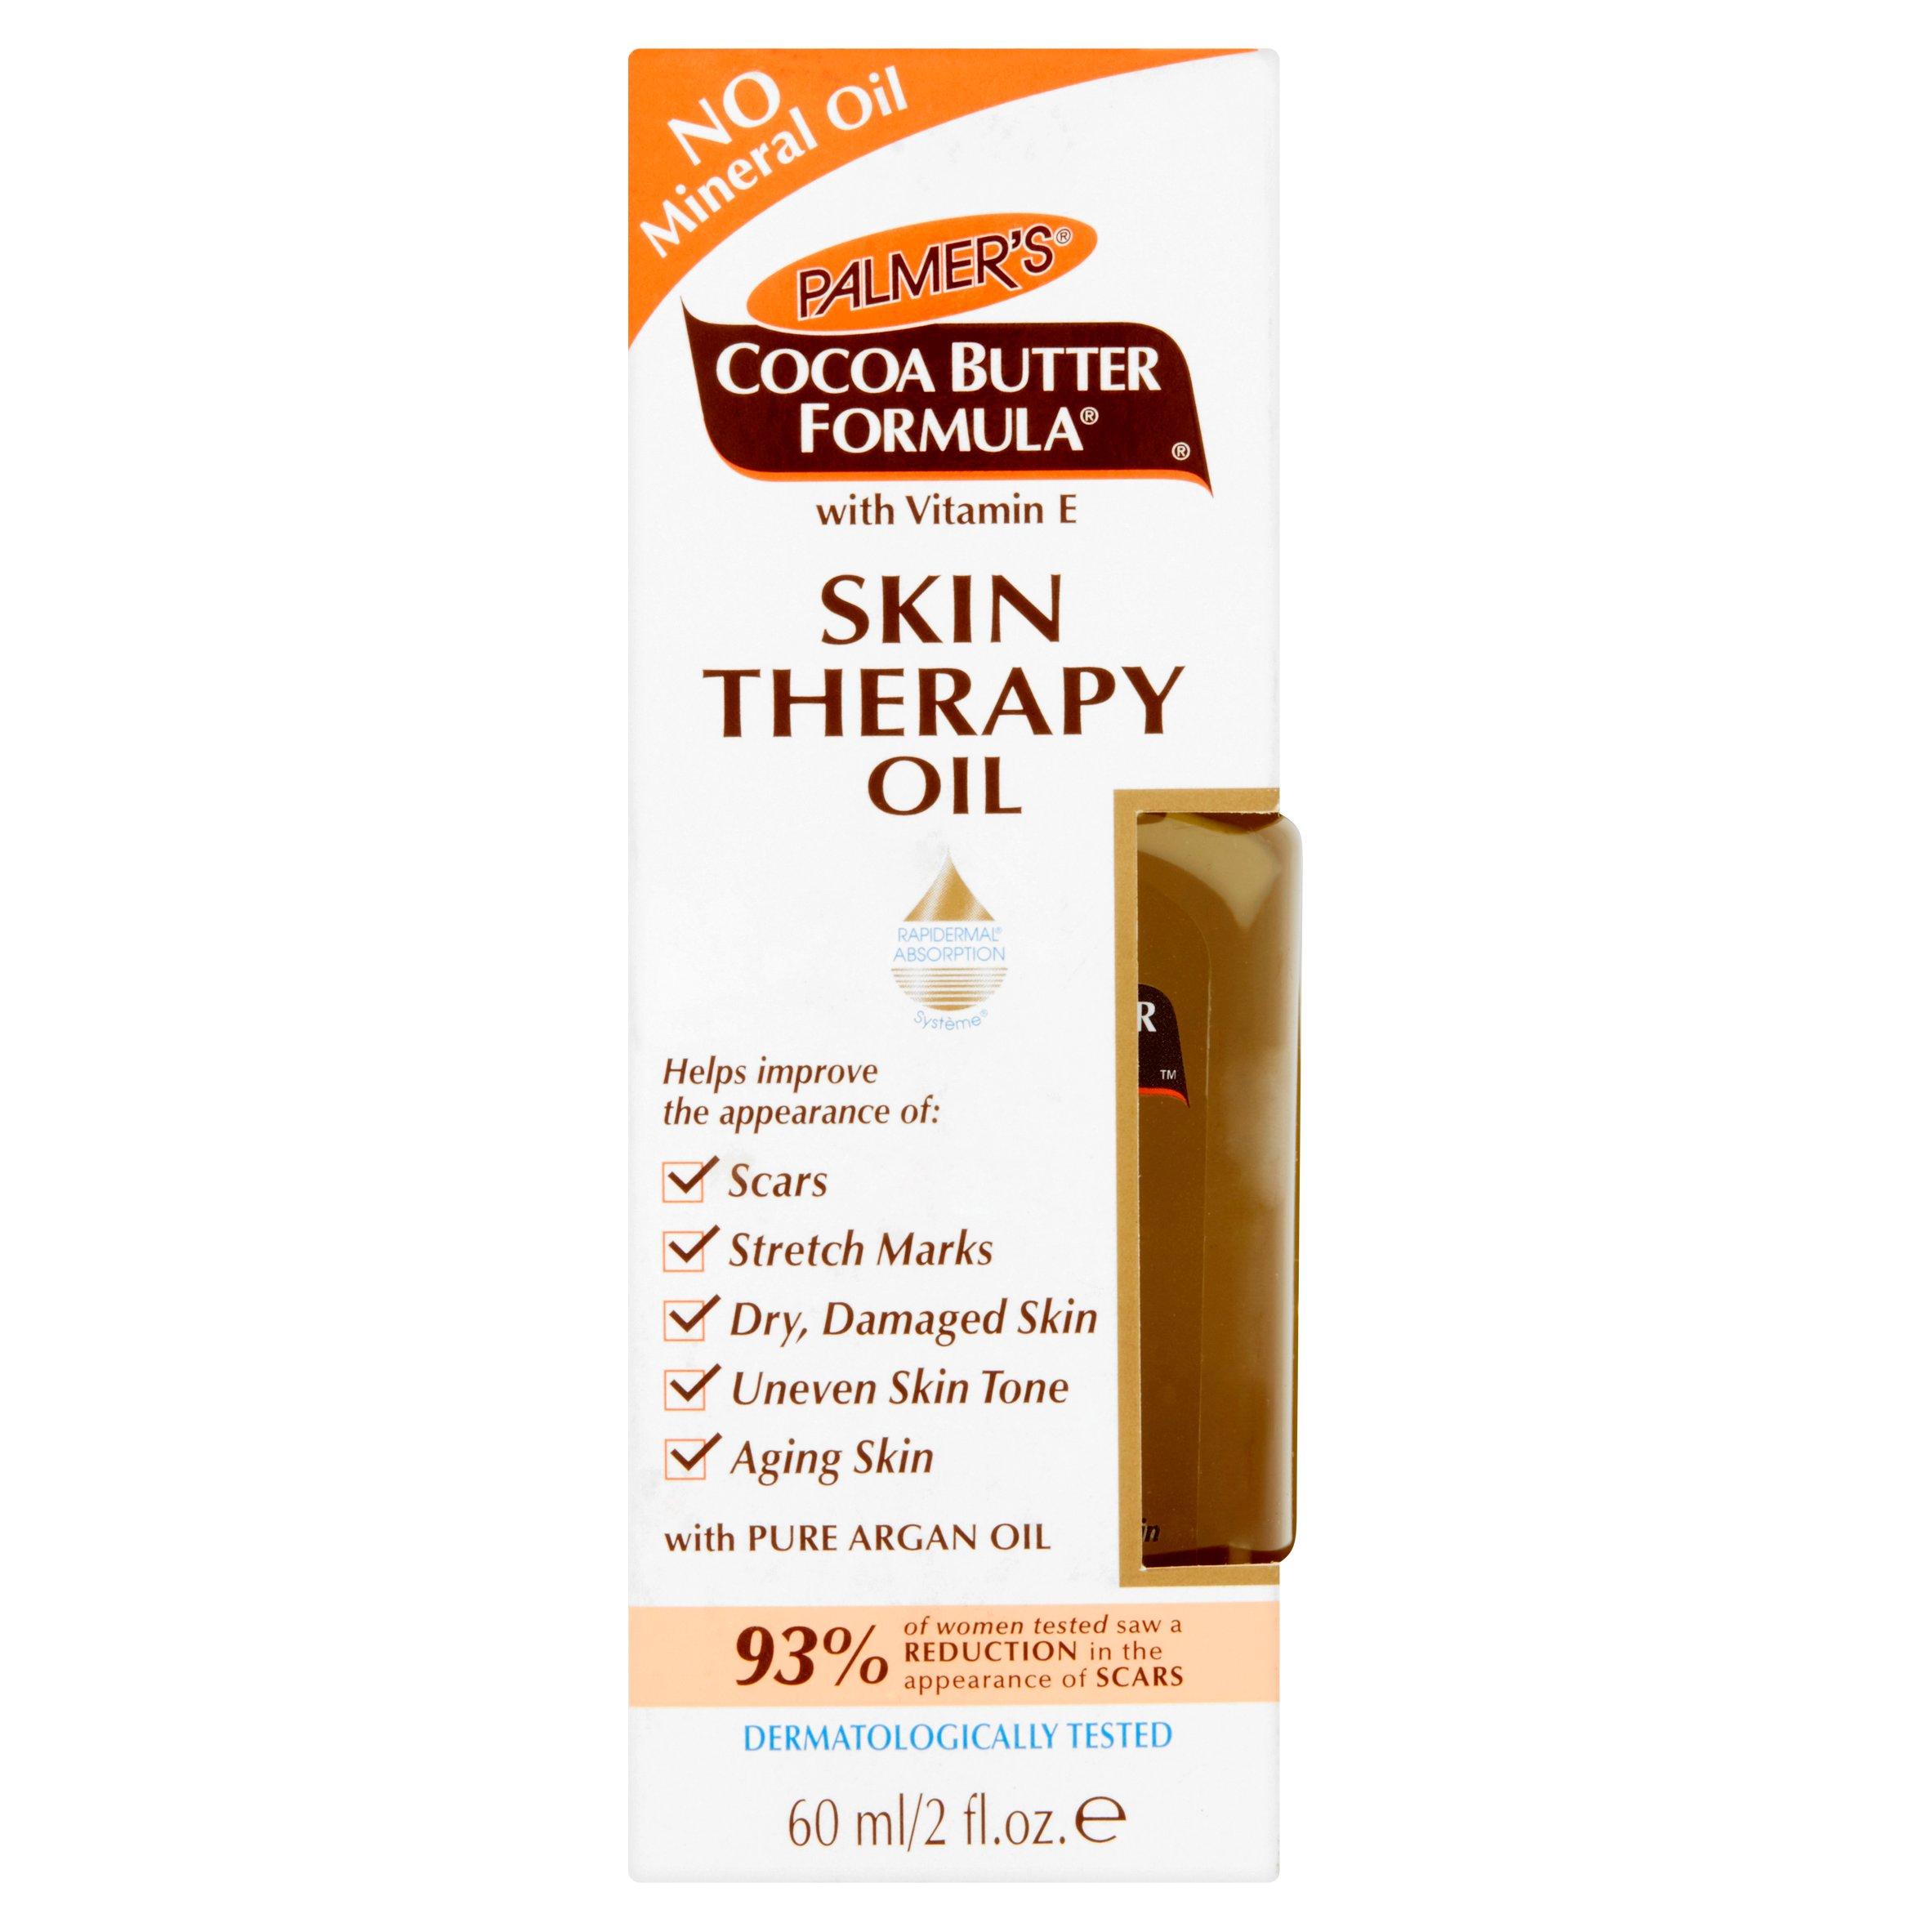 Palmer's Cocoa Butter Formula Skin Therapy Oil, 2 fl oz